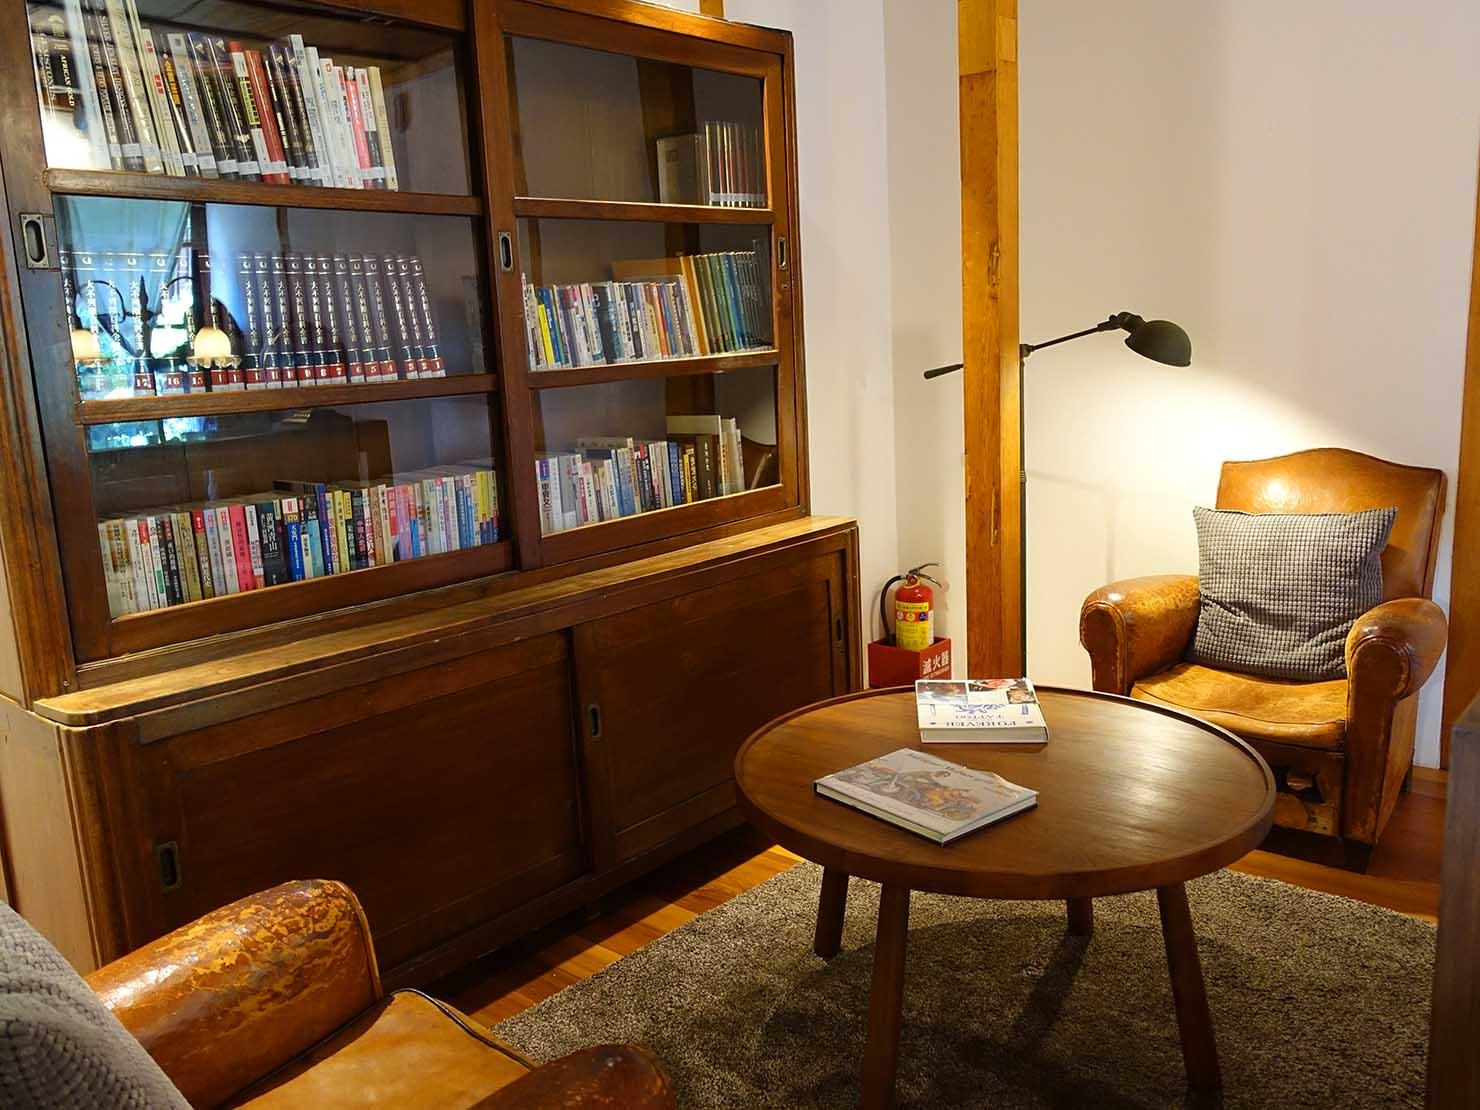 台北の街に佇む日本式古民家の図書館「文房 Chapter」の1人がけソファと本棚